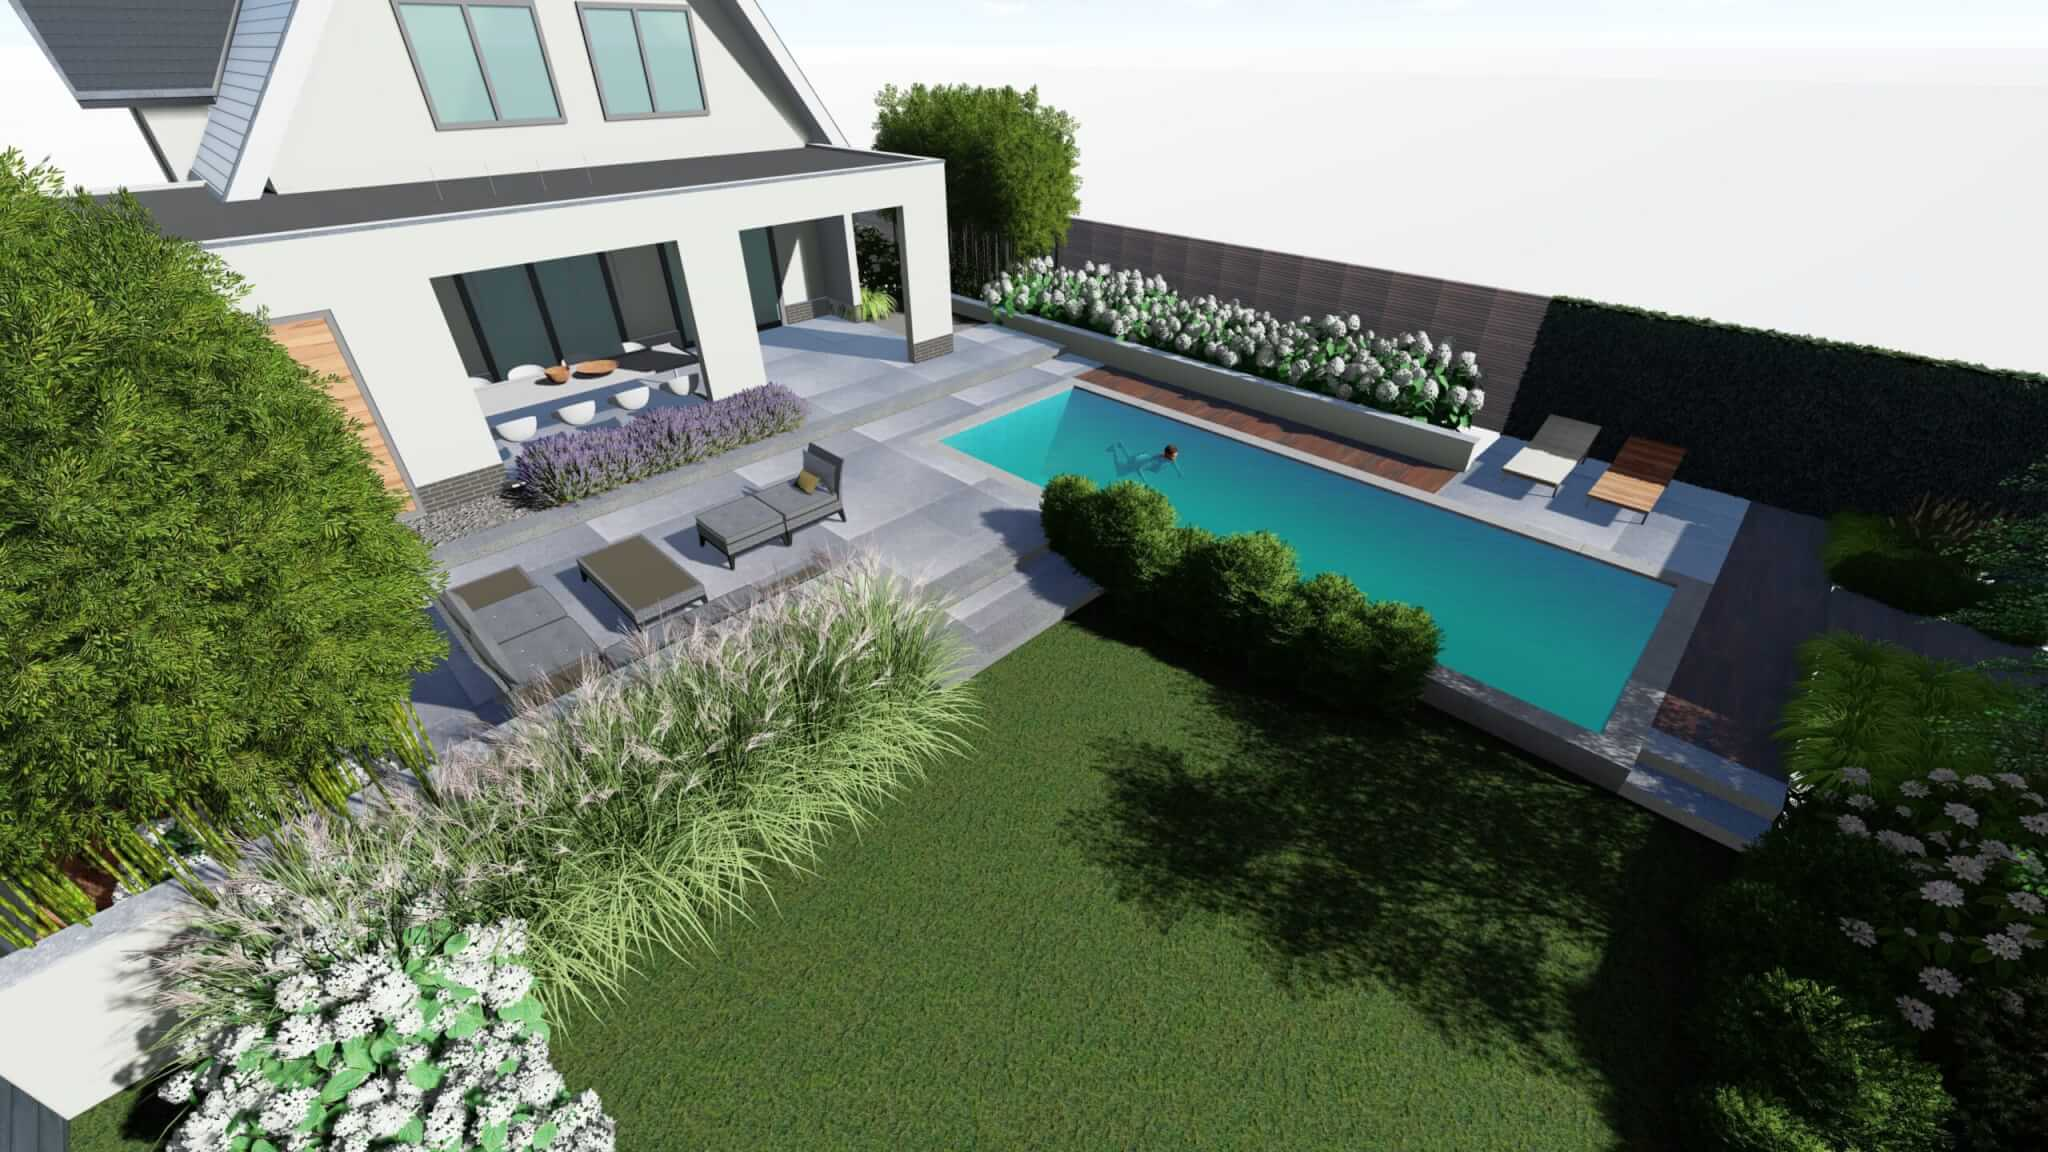 Tuinontwerp moderne villa met zwembad